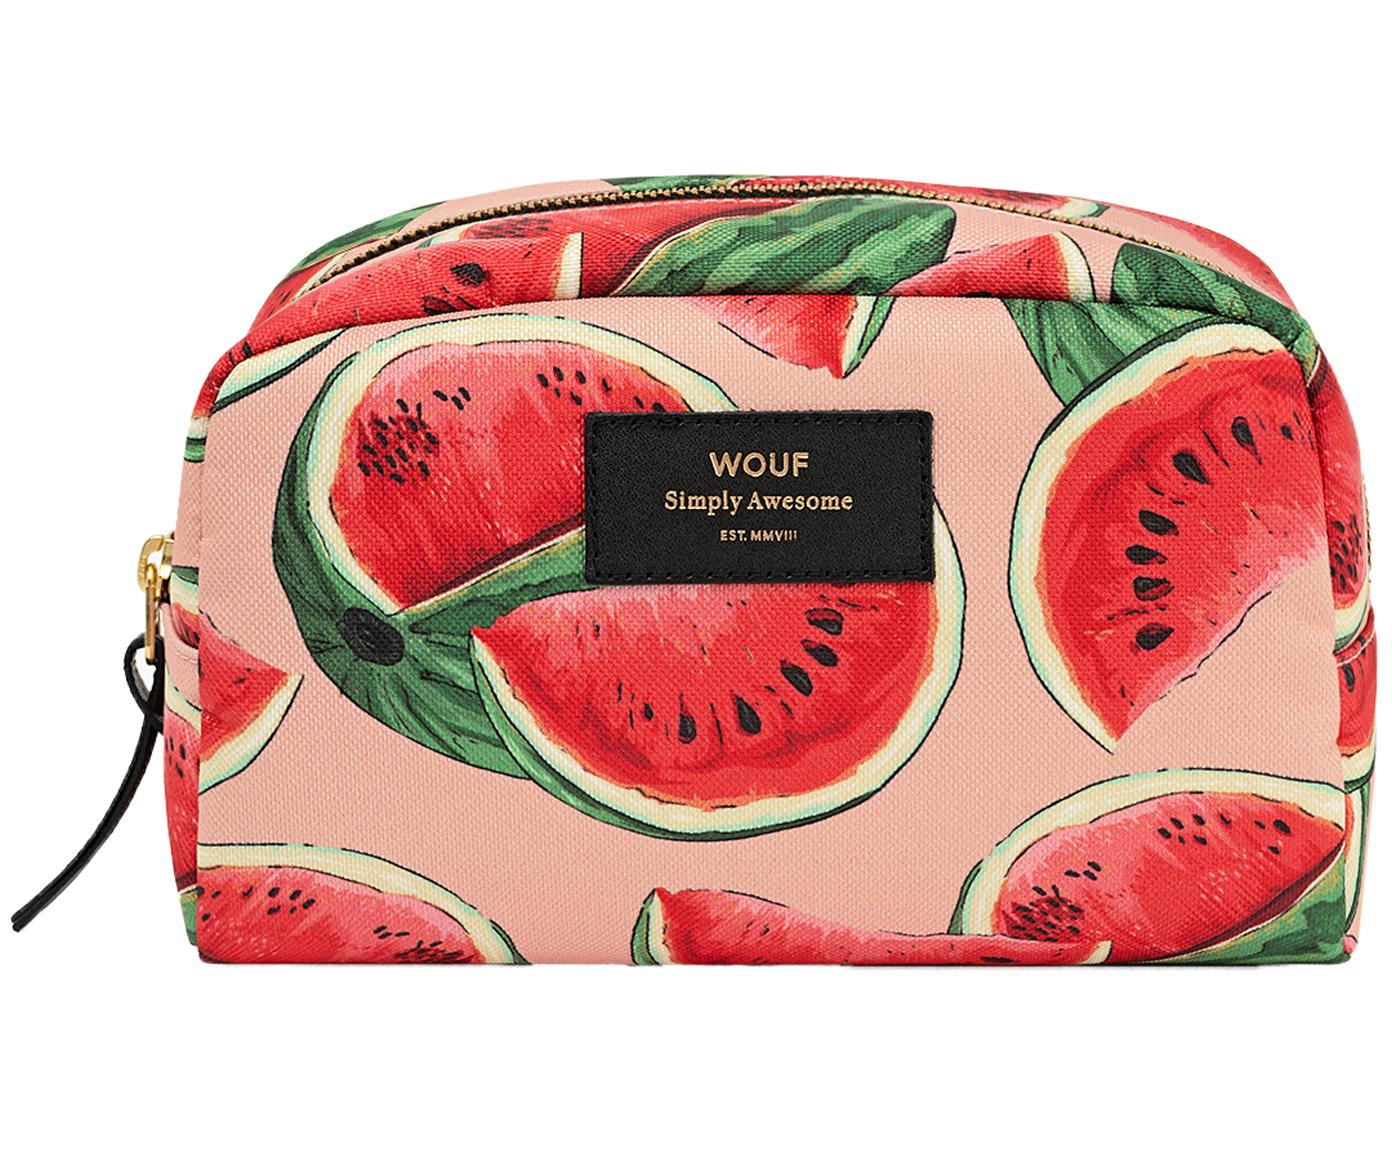 Make-up tasje Watermelon met binnenvak, Roze, rood, 21 x 14 cm